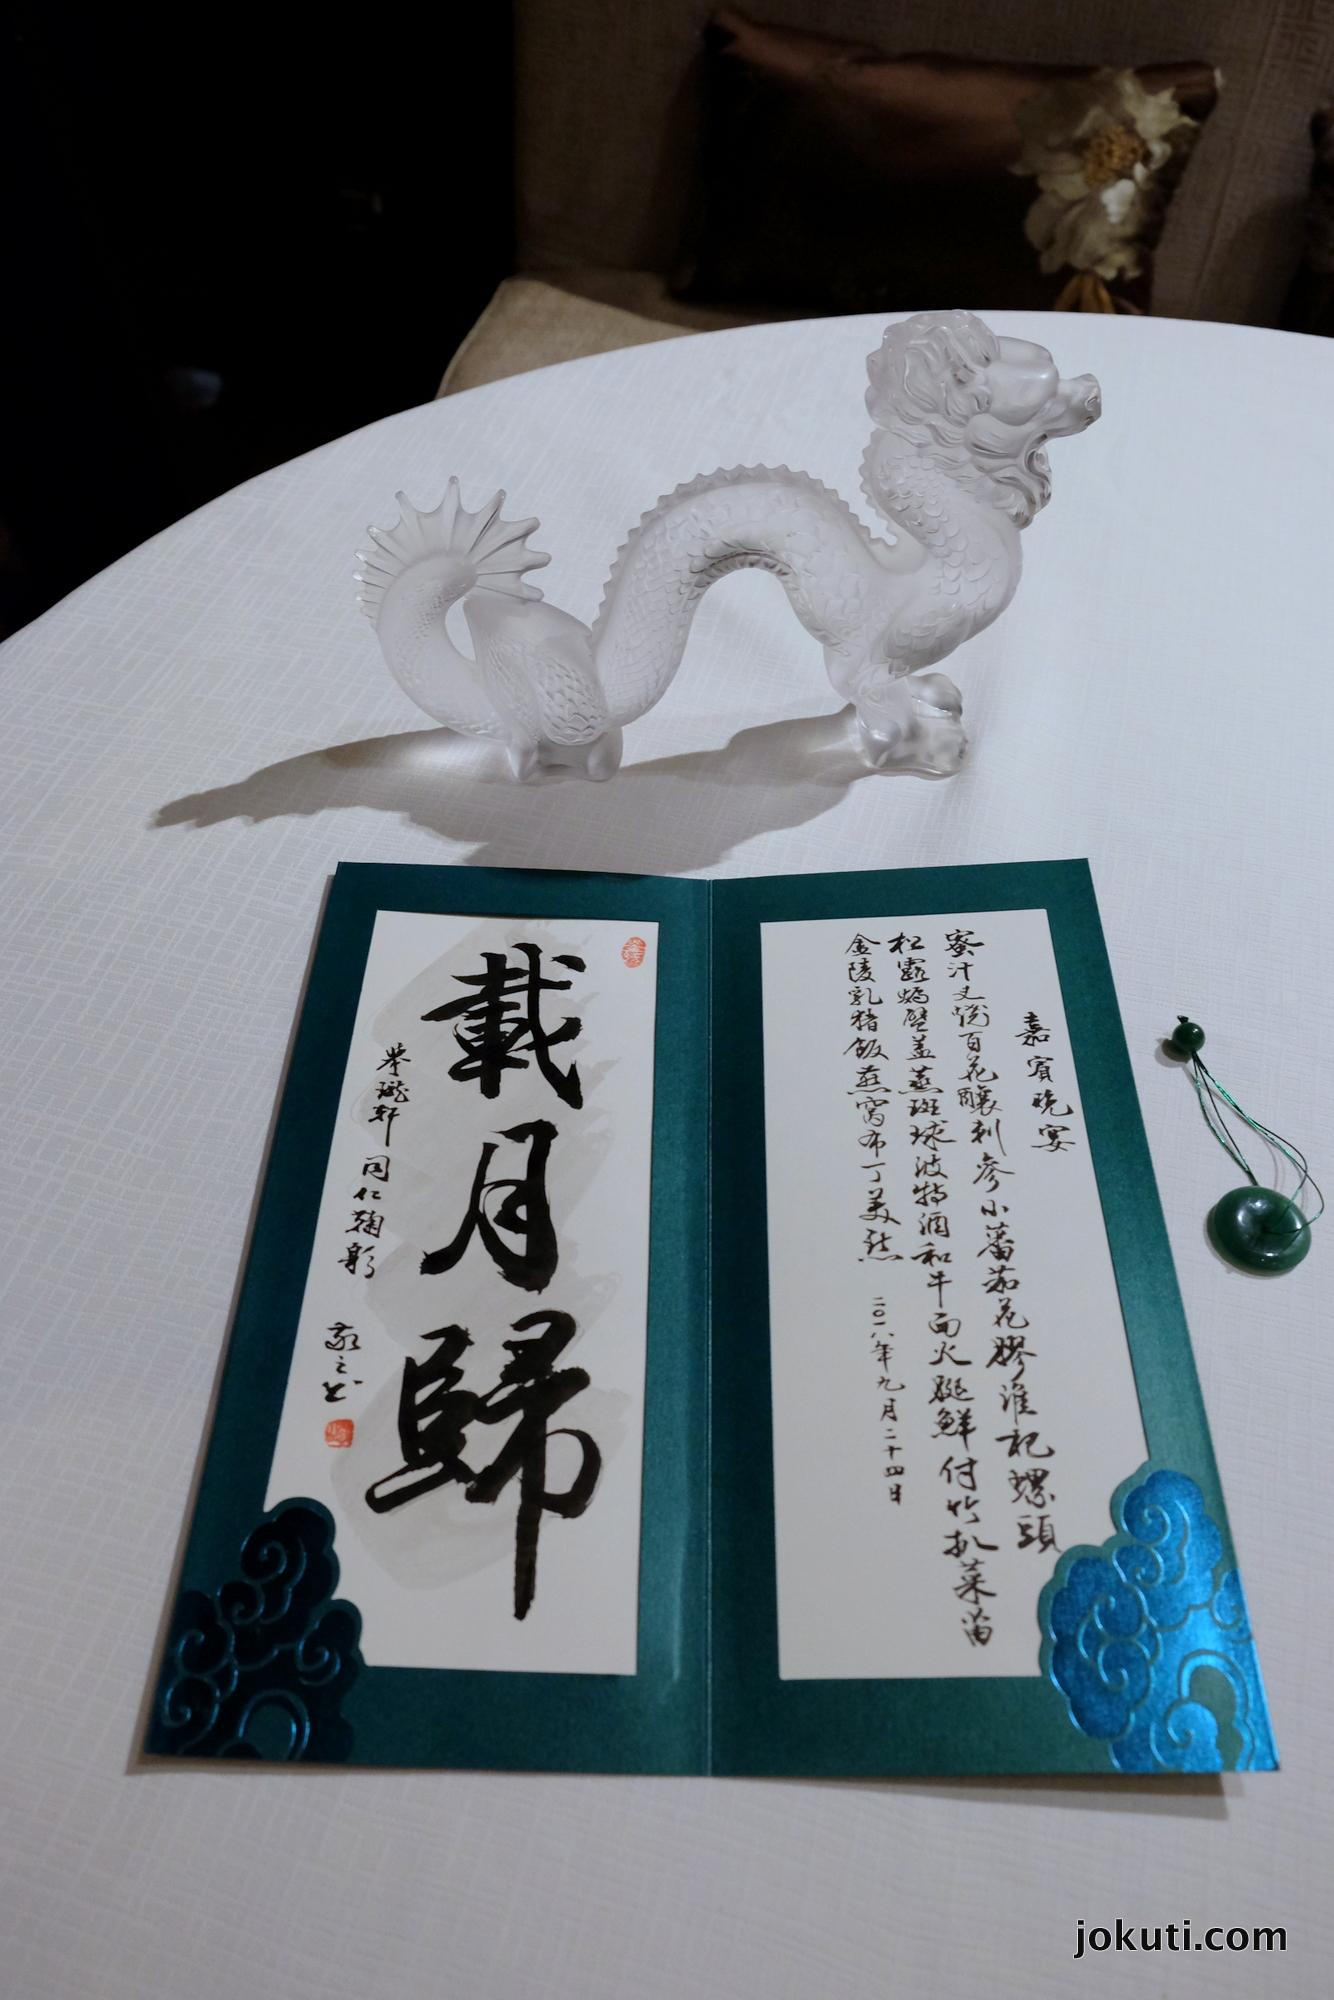 dscf6970_jade_dragon_restaurant_cantonese_chinese_michelin_macau_makao_china_kinai_vilagevo_jokuti.jpg